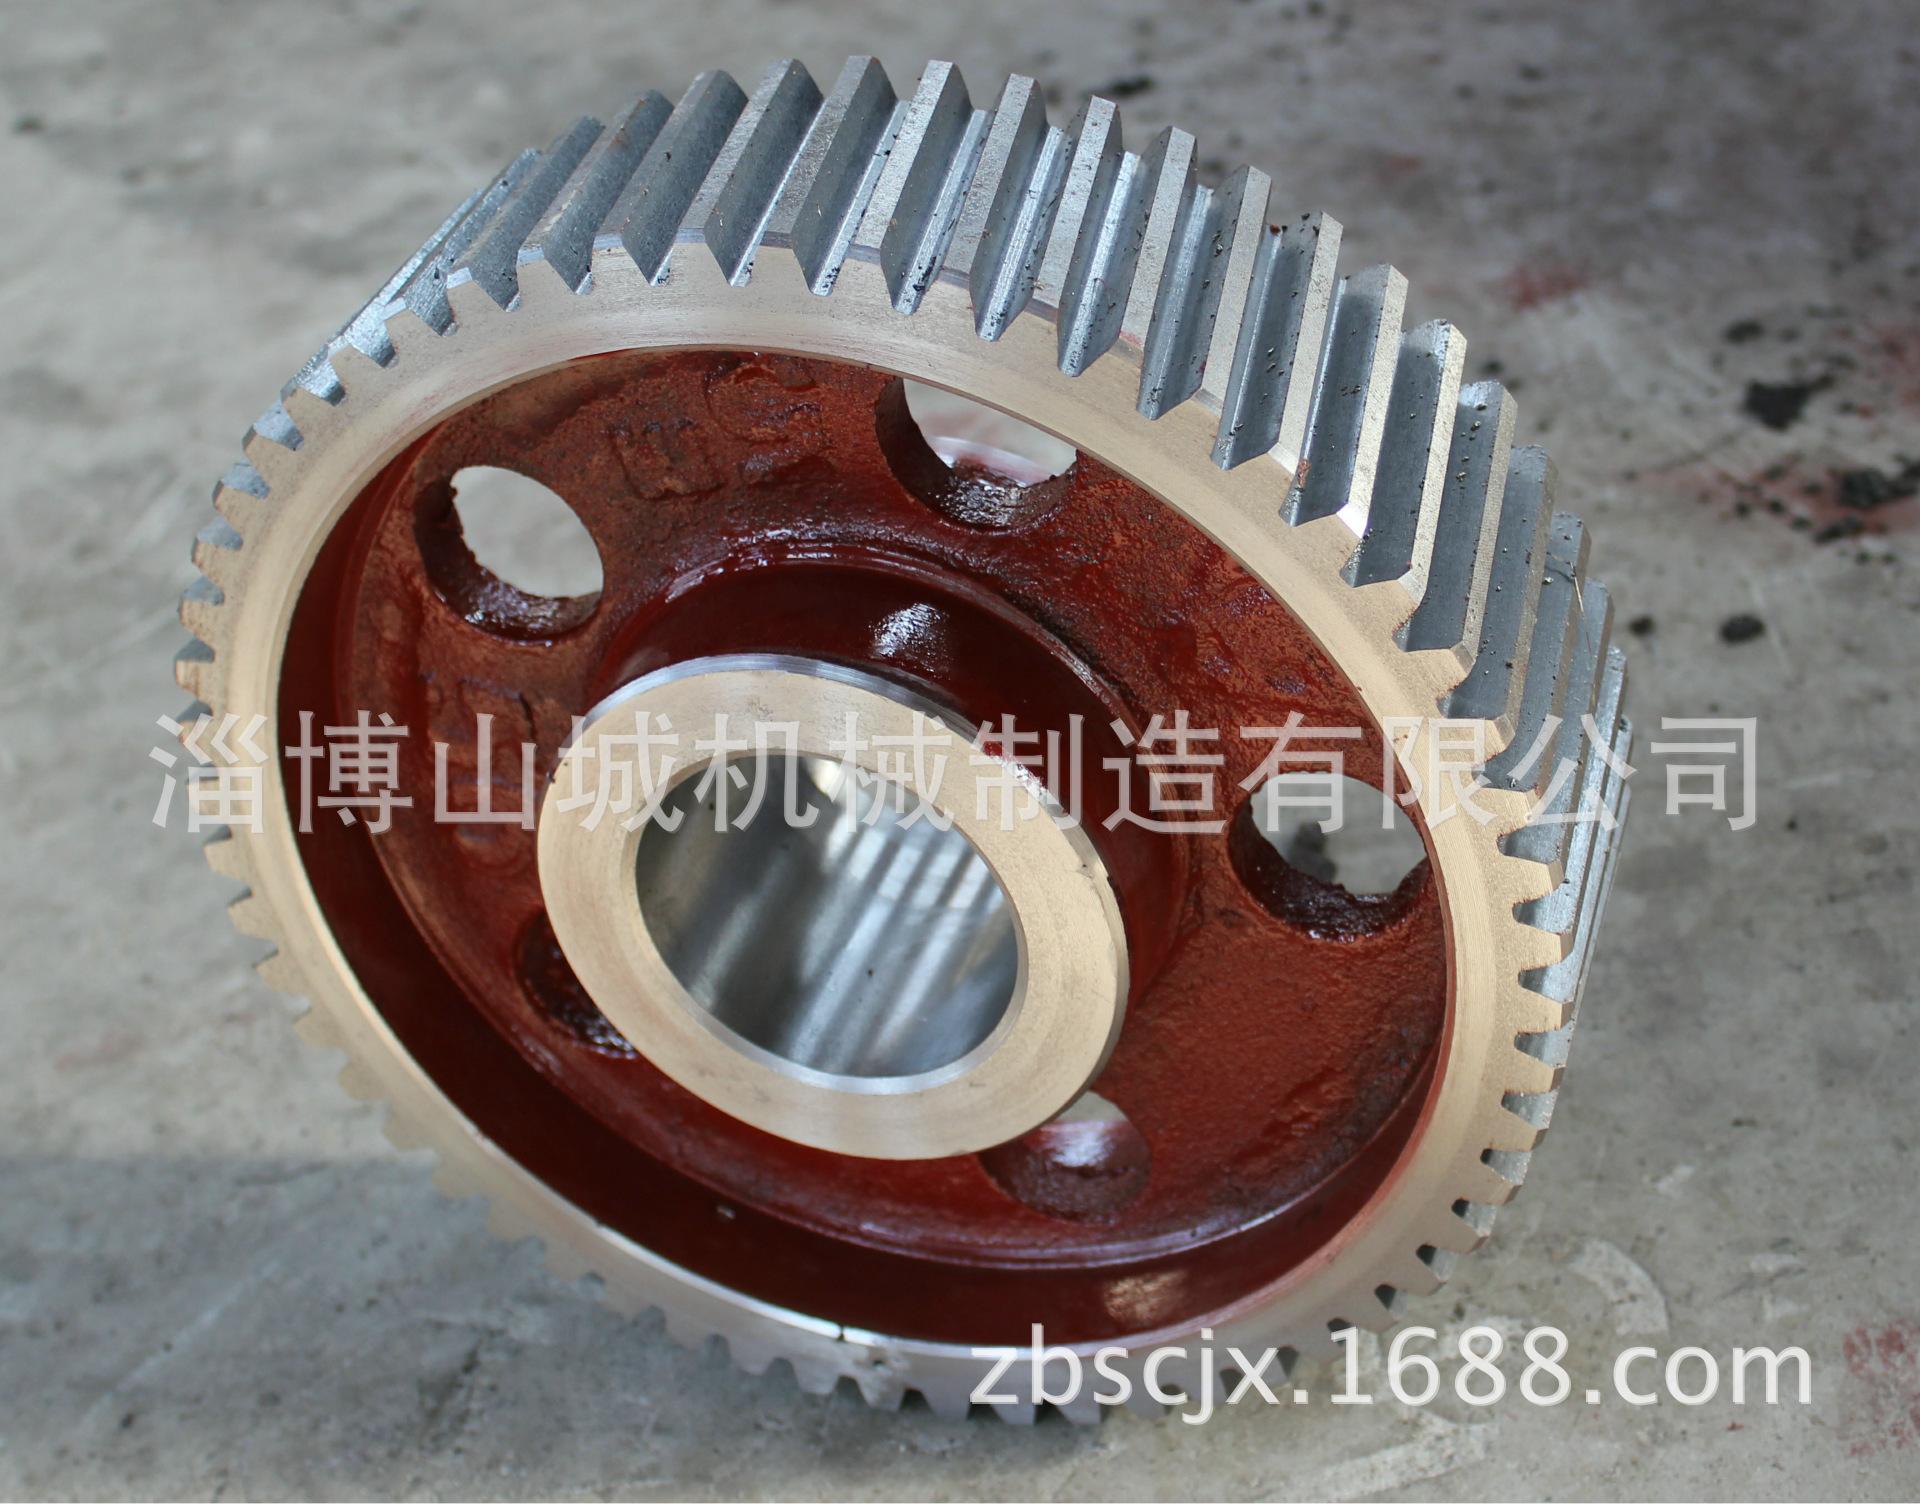 等各种铸钢件 各种材质各种型号齿轮等各种铸钢件 阿里巴巴